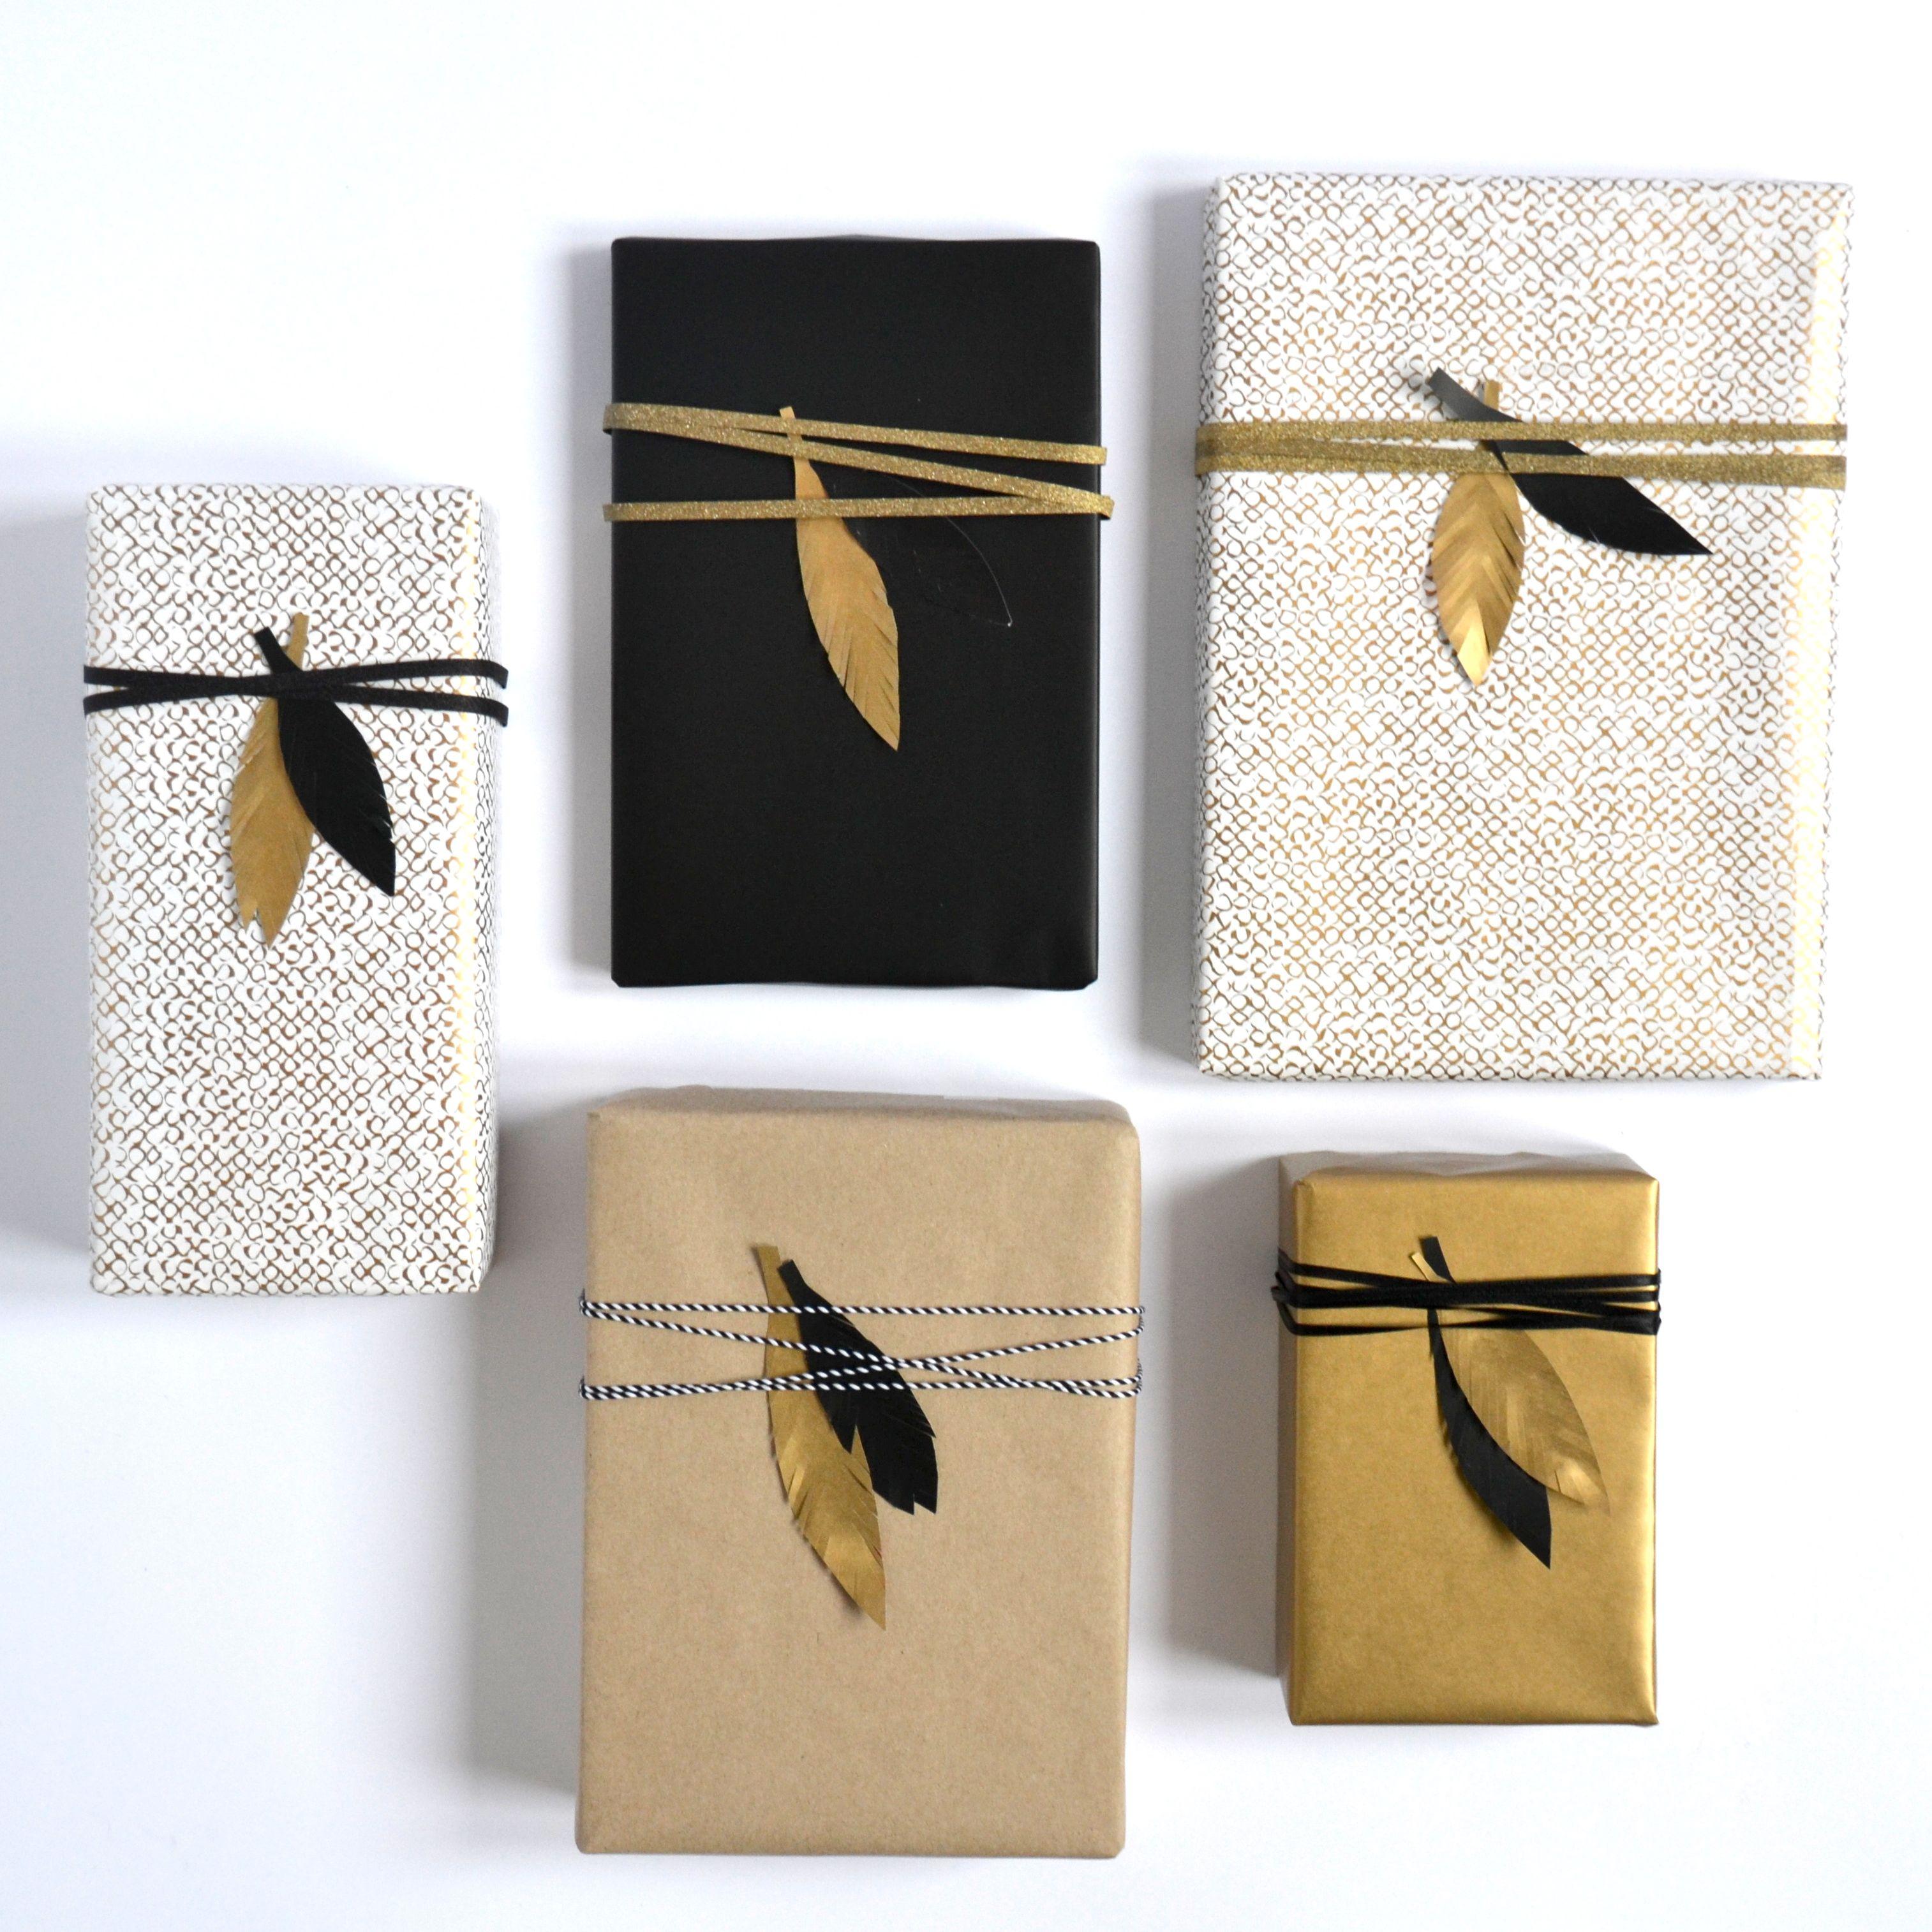 Sinterklaascadeautjes Inpakken Zonder Sinterklaaspapier